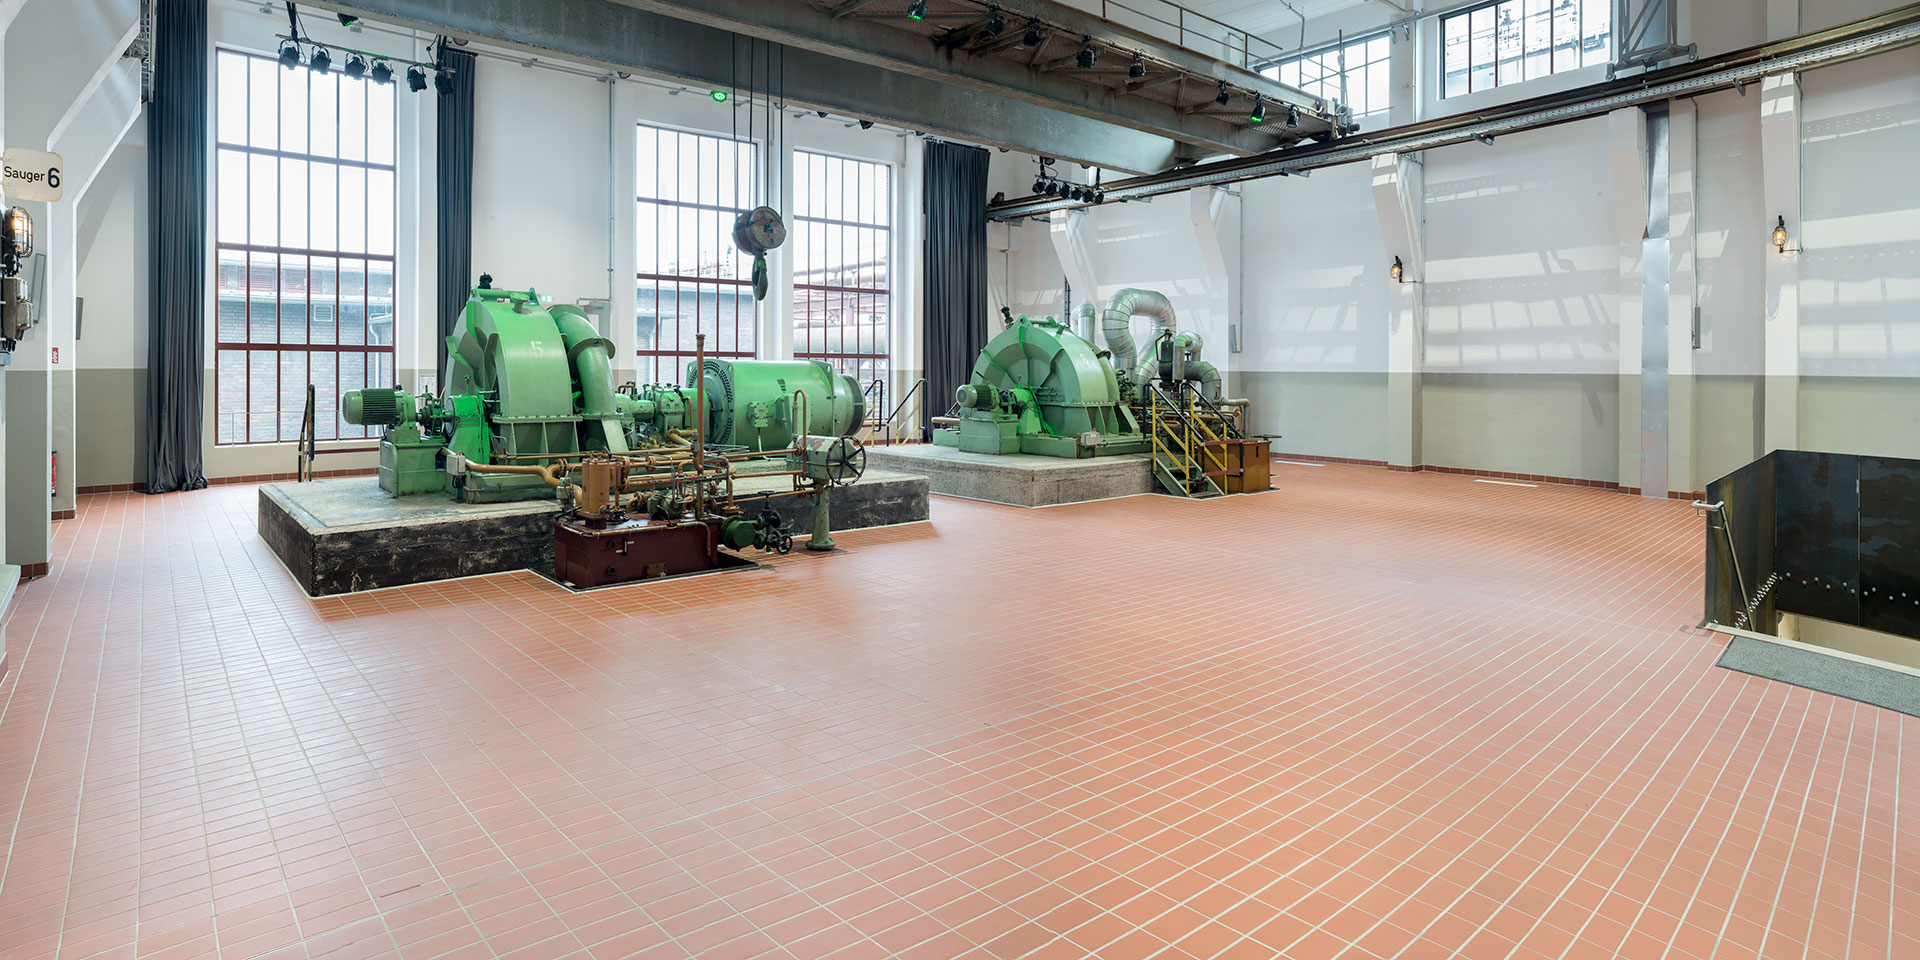 Welterbe Zollverein, Essen, Saugerhaus - Grand Hall Zollverein